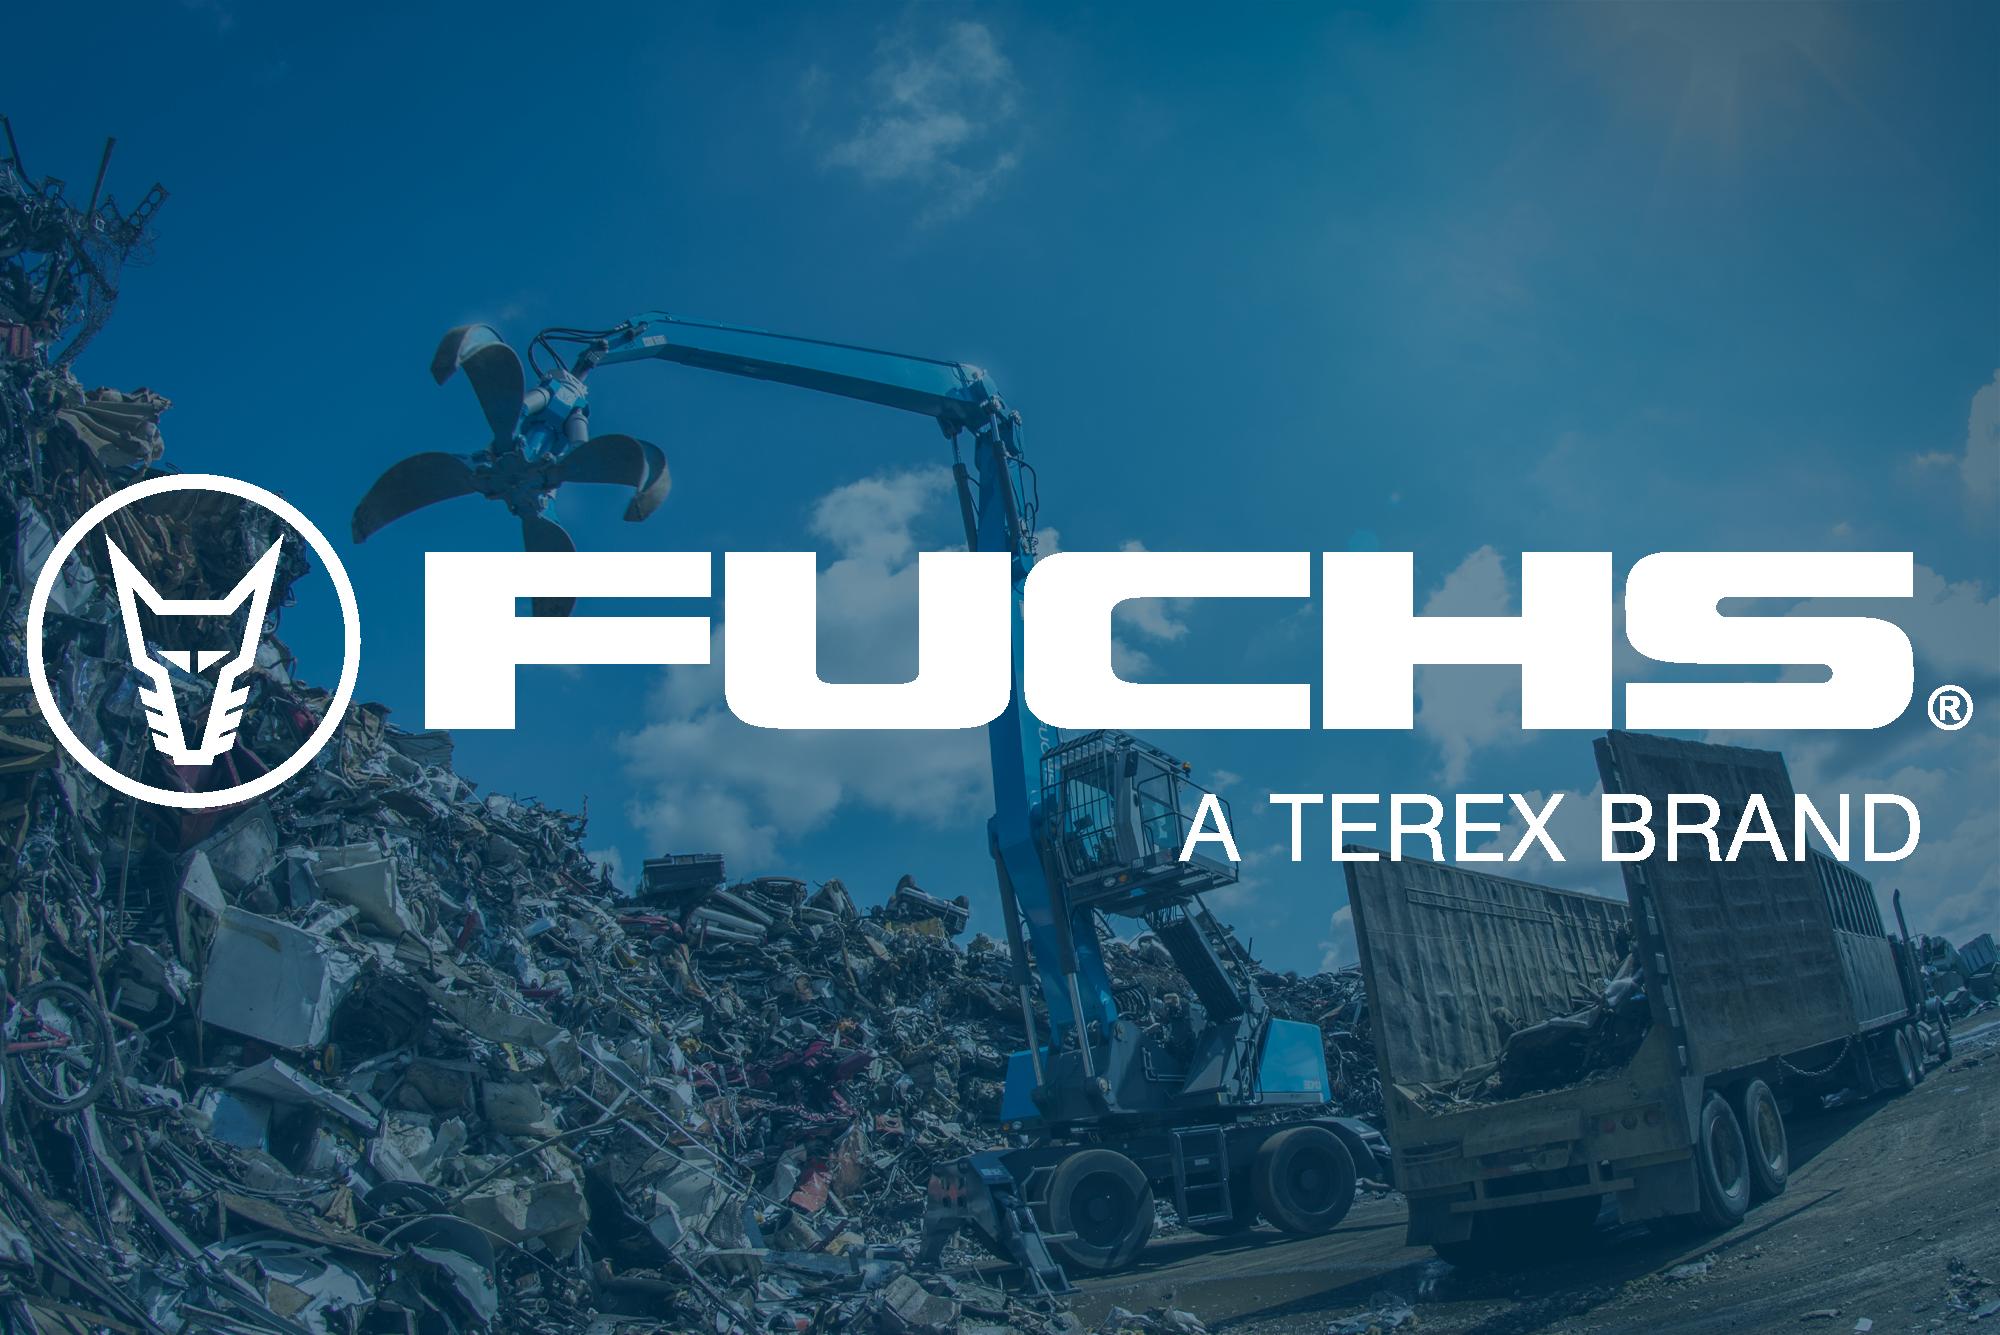 Fuchs marques partenaires cimme